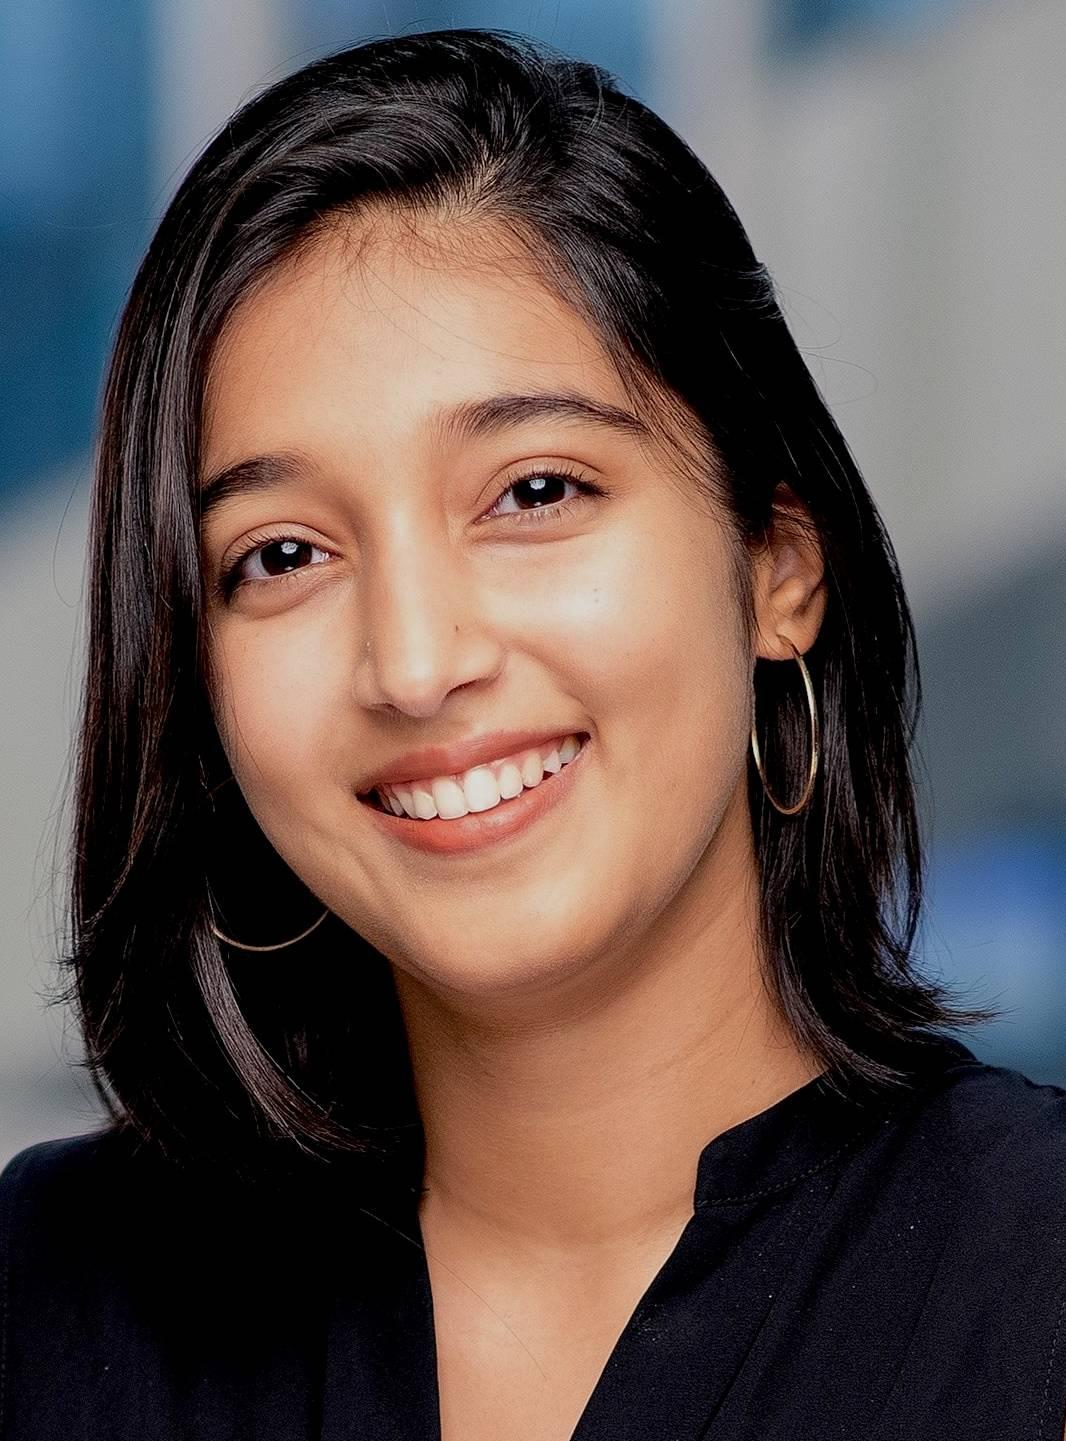 Priyanka Lakhiani